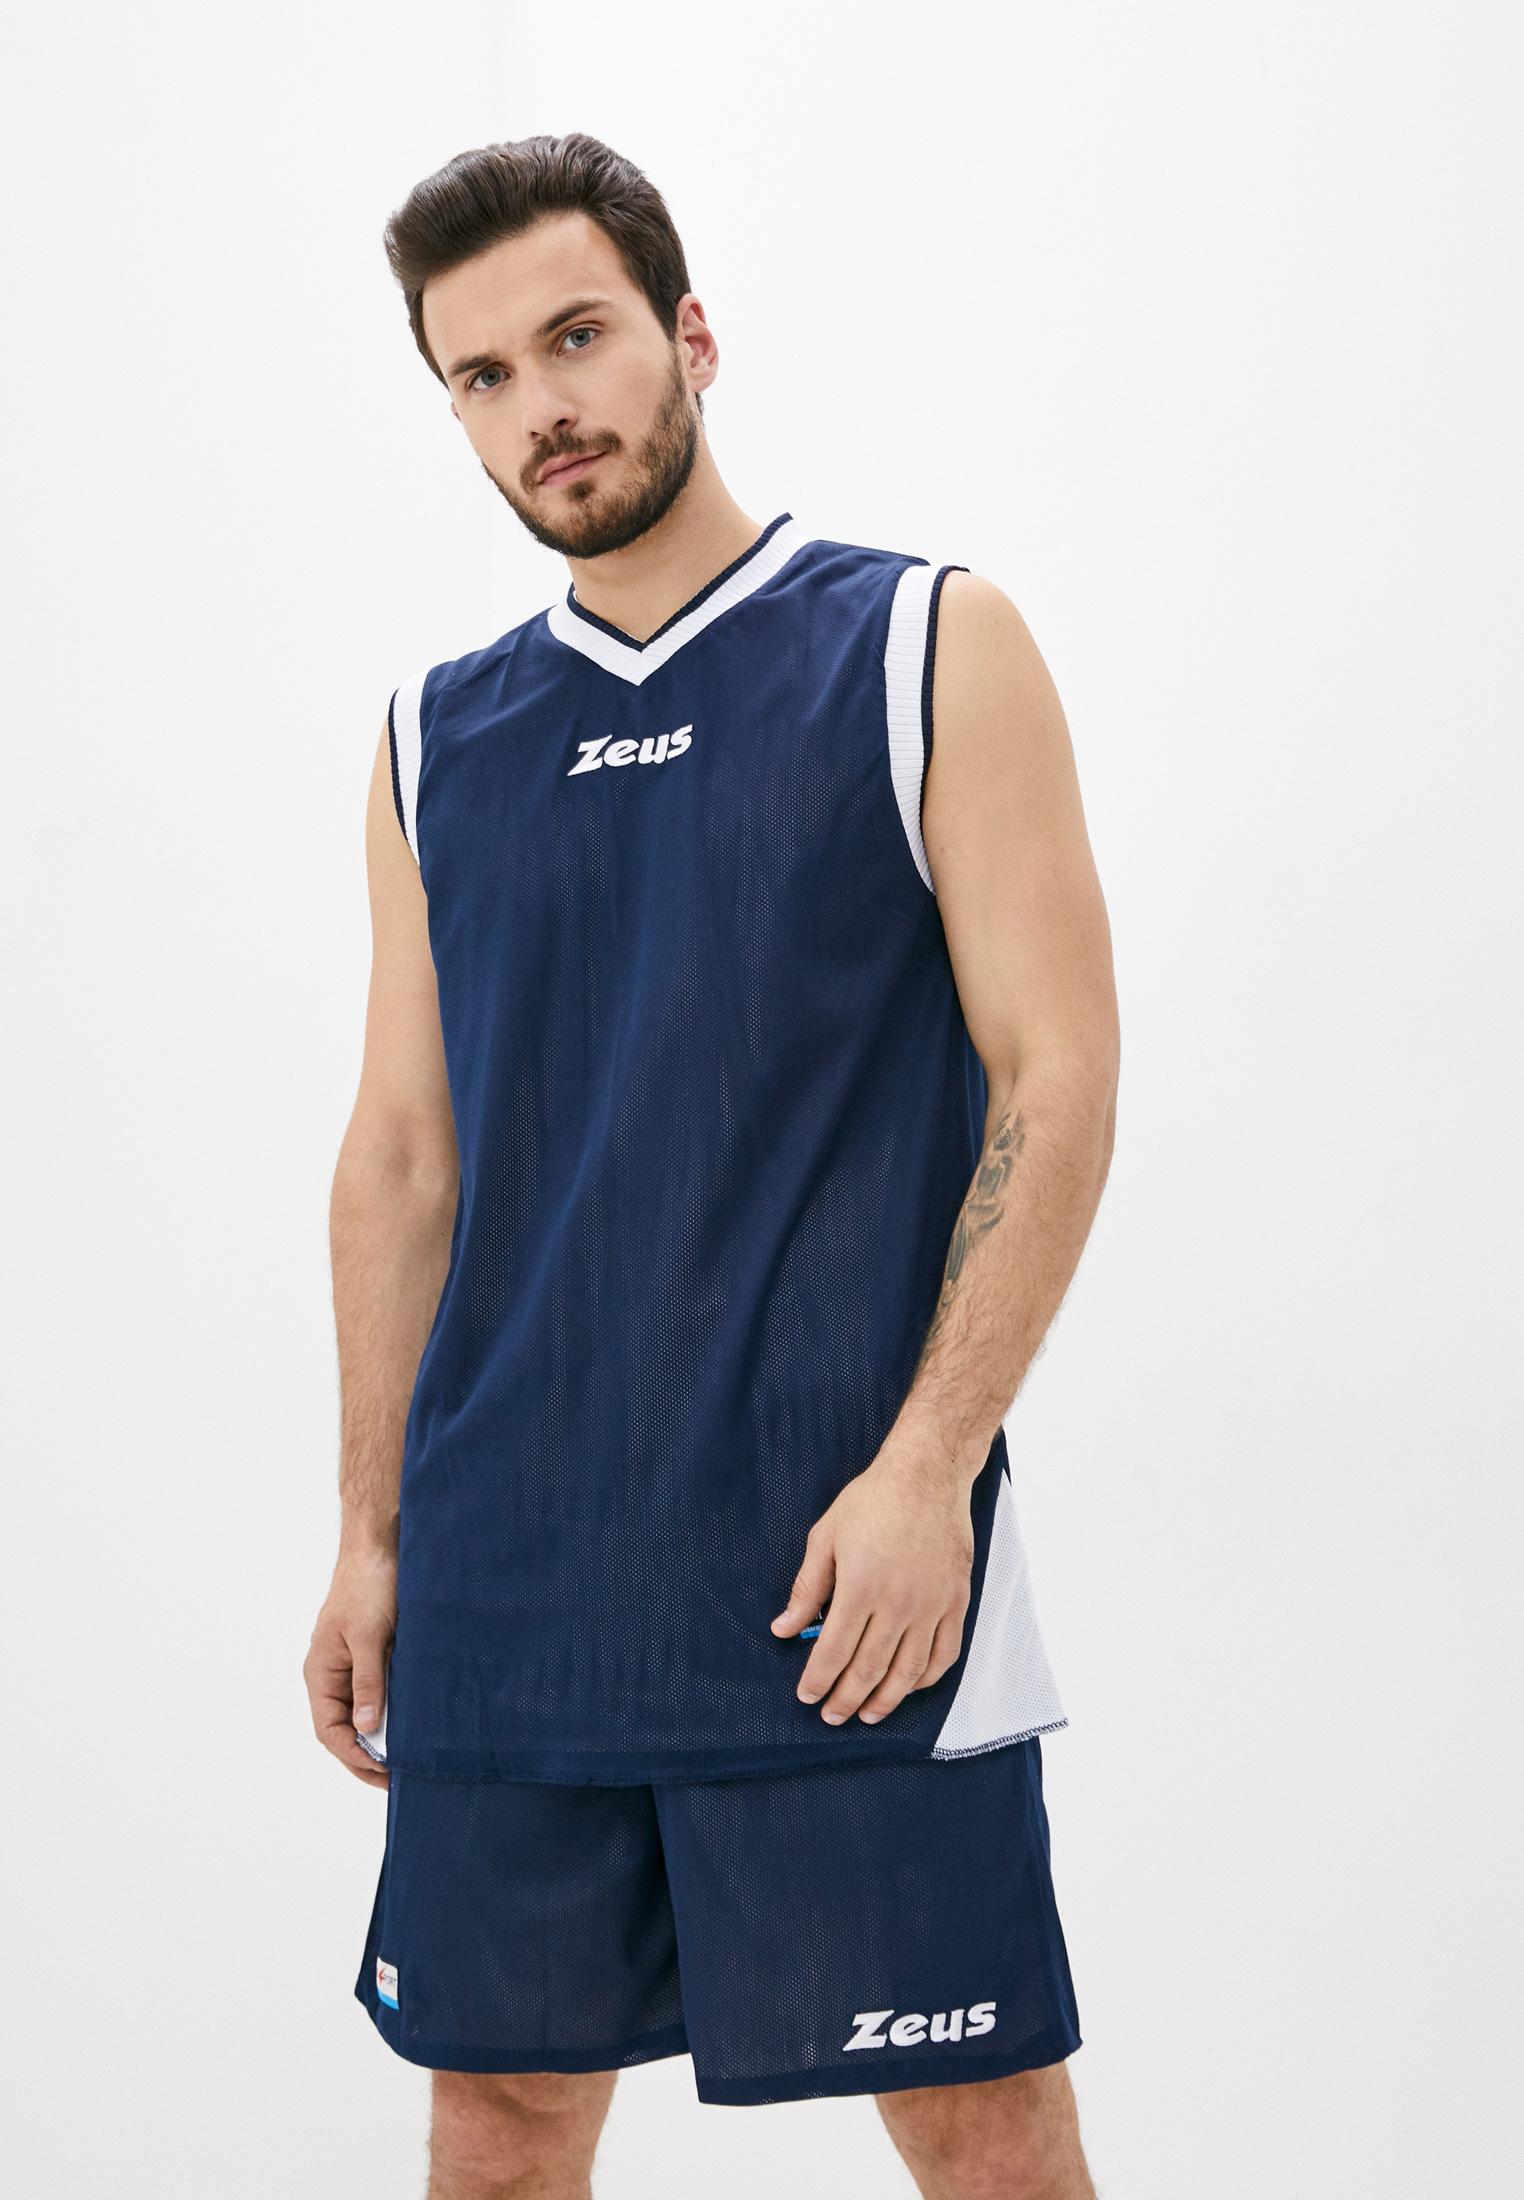 Спортивный костюм Zeus Костюм спортивный Zeus